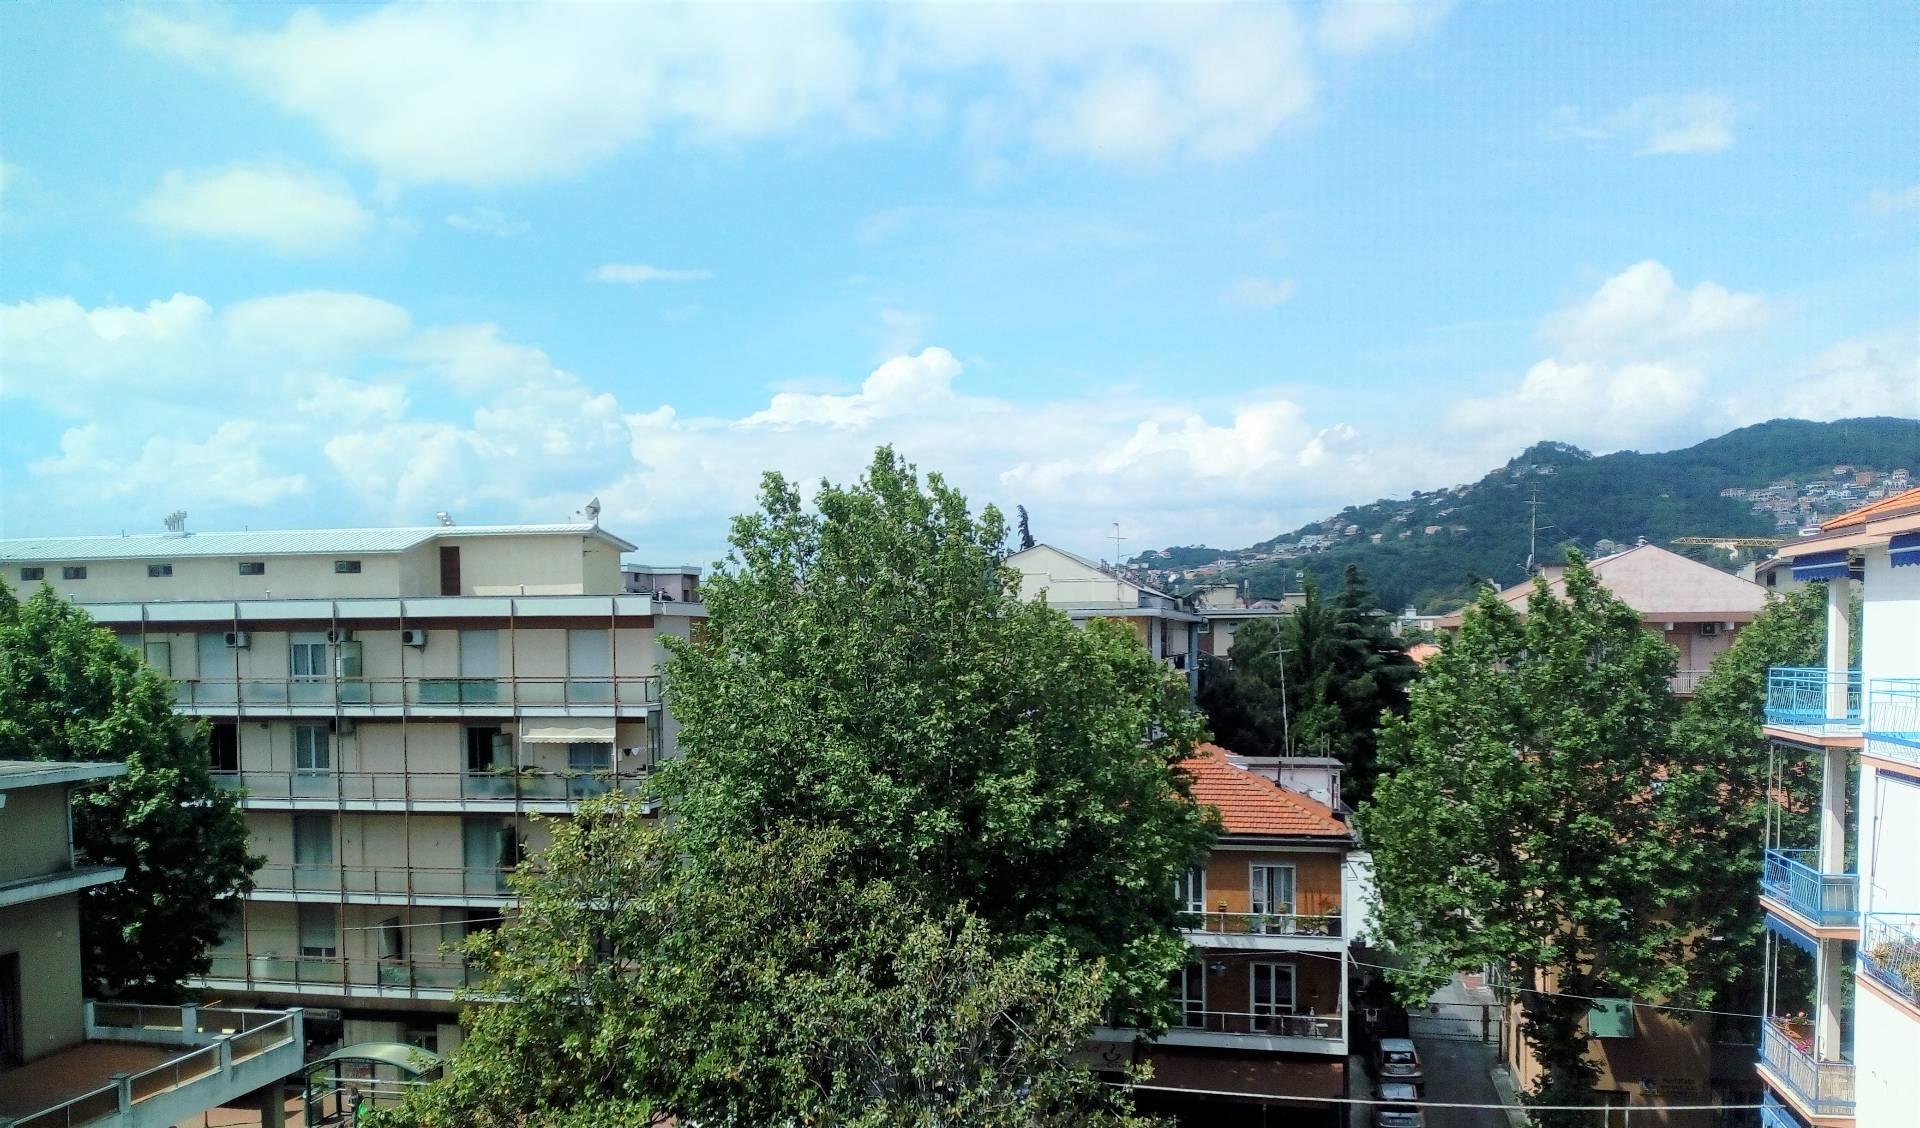 Bagni Pescetto Albisola Superiore : Vendita appartamento albisola superiore agenzia immobiliare